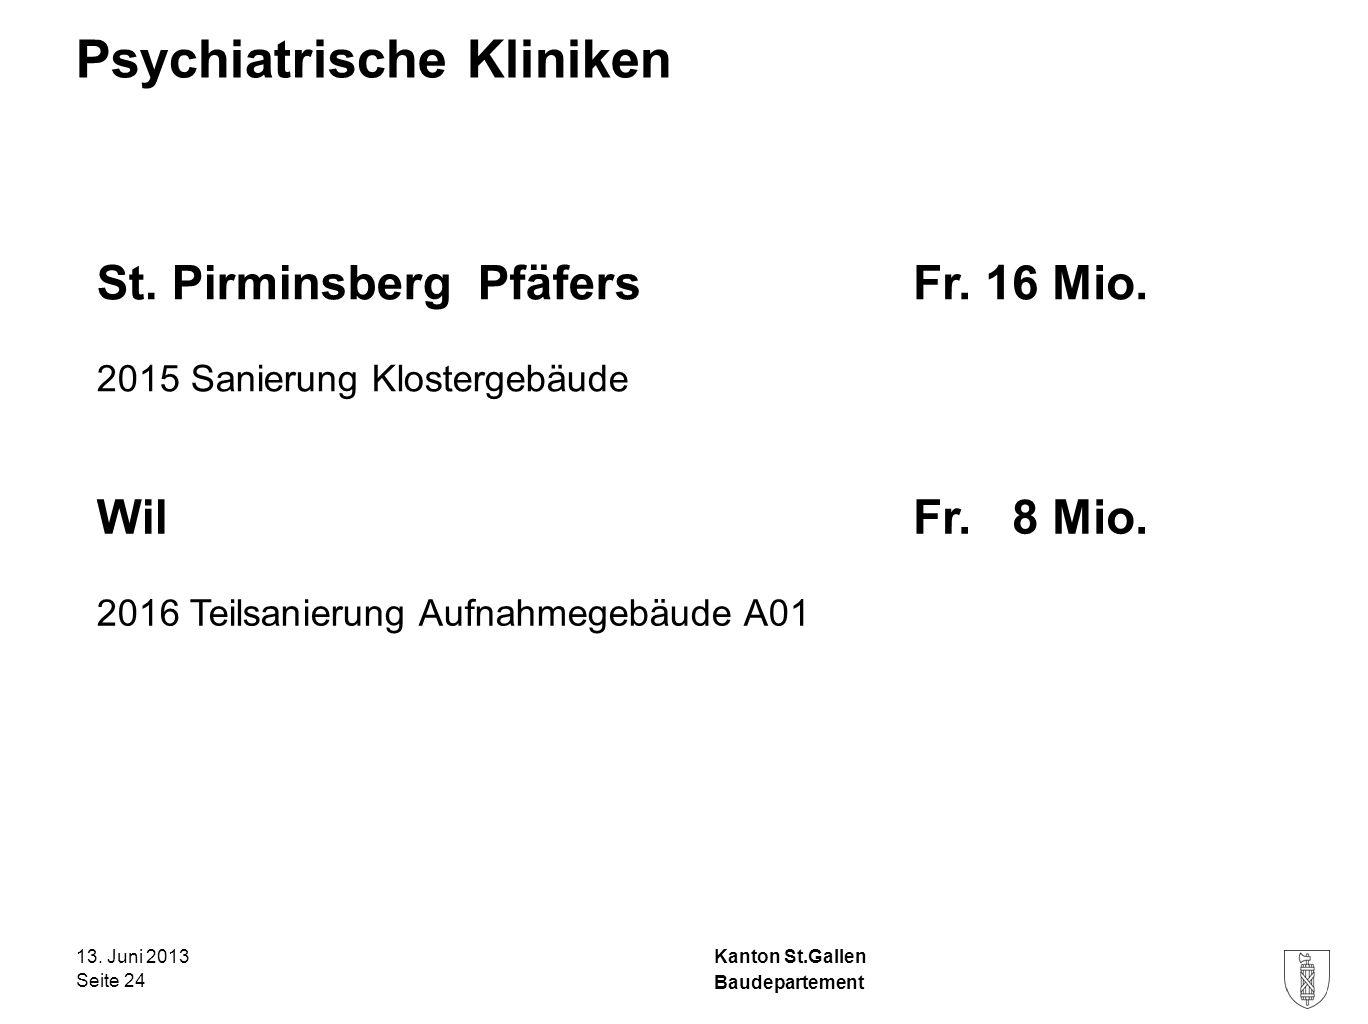 Kanton St.Gallen Psychiatrische Kliniken 13.Juni 2013 Seite 24 Baudepartement St.